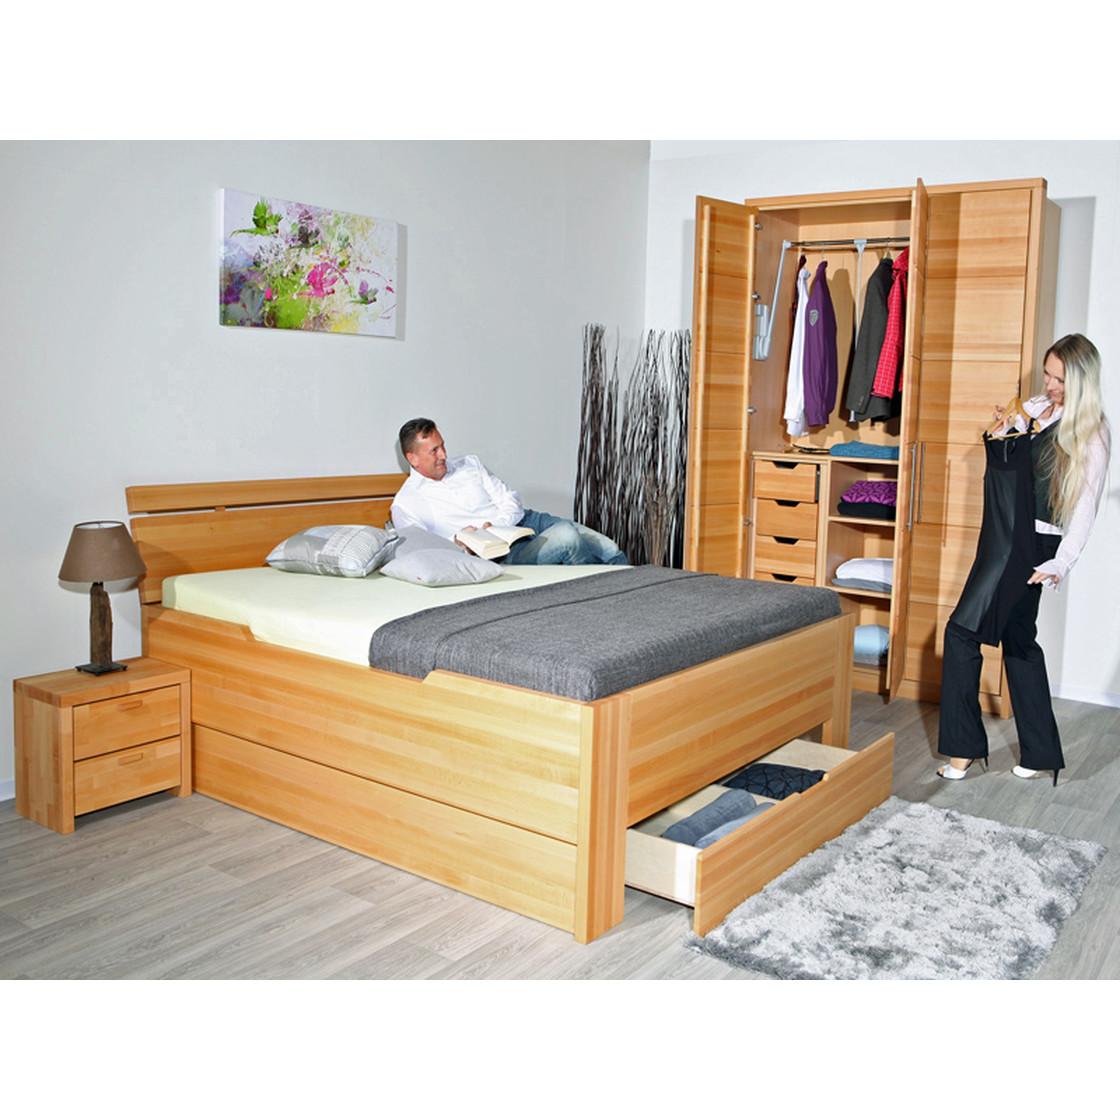 Full Size of Betten 120x200 Bett Mit Matratze Und Lattenrost Weiß Bettkasten Wohnzimmer Stauraumbett 120x200